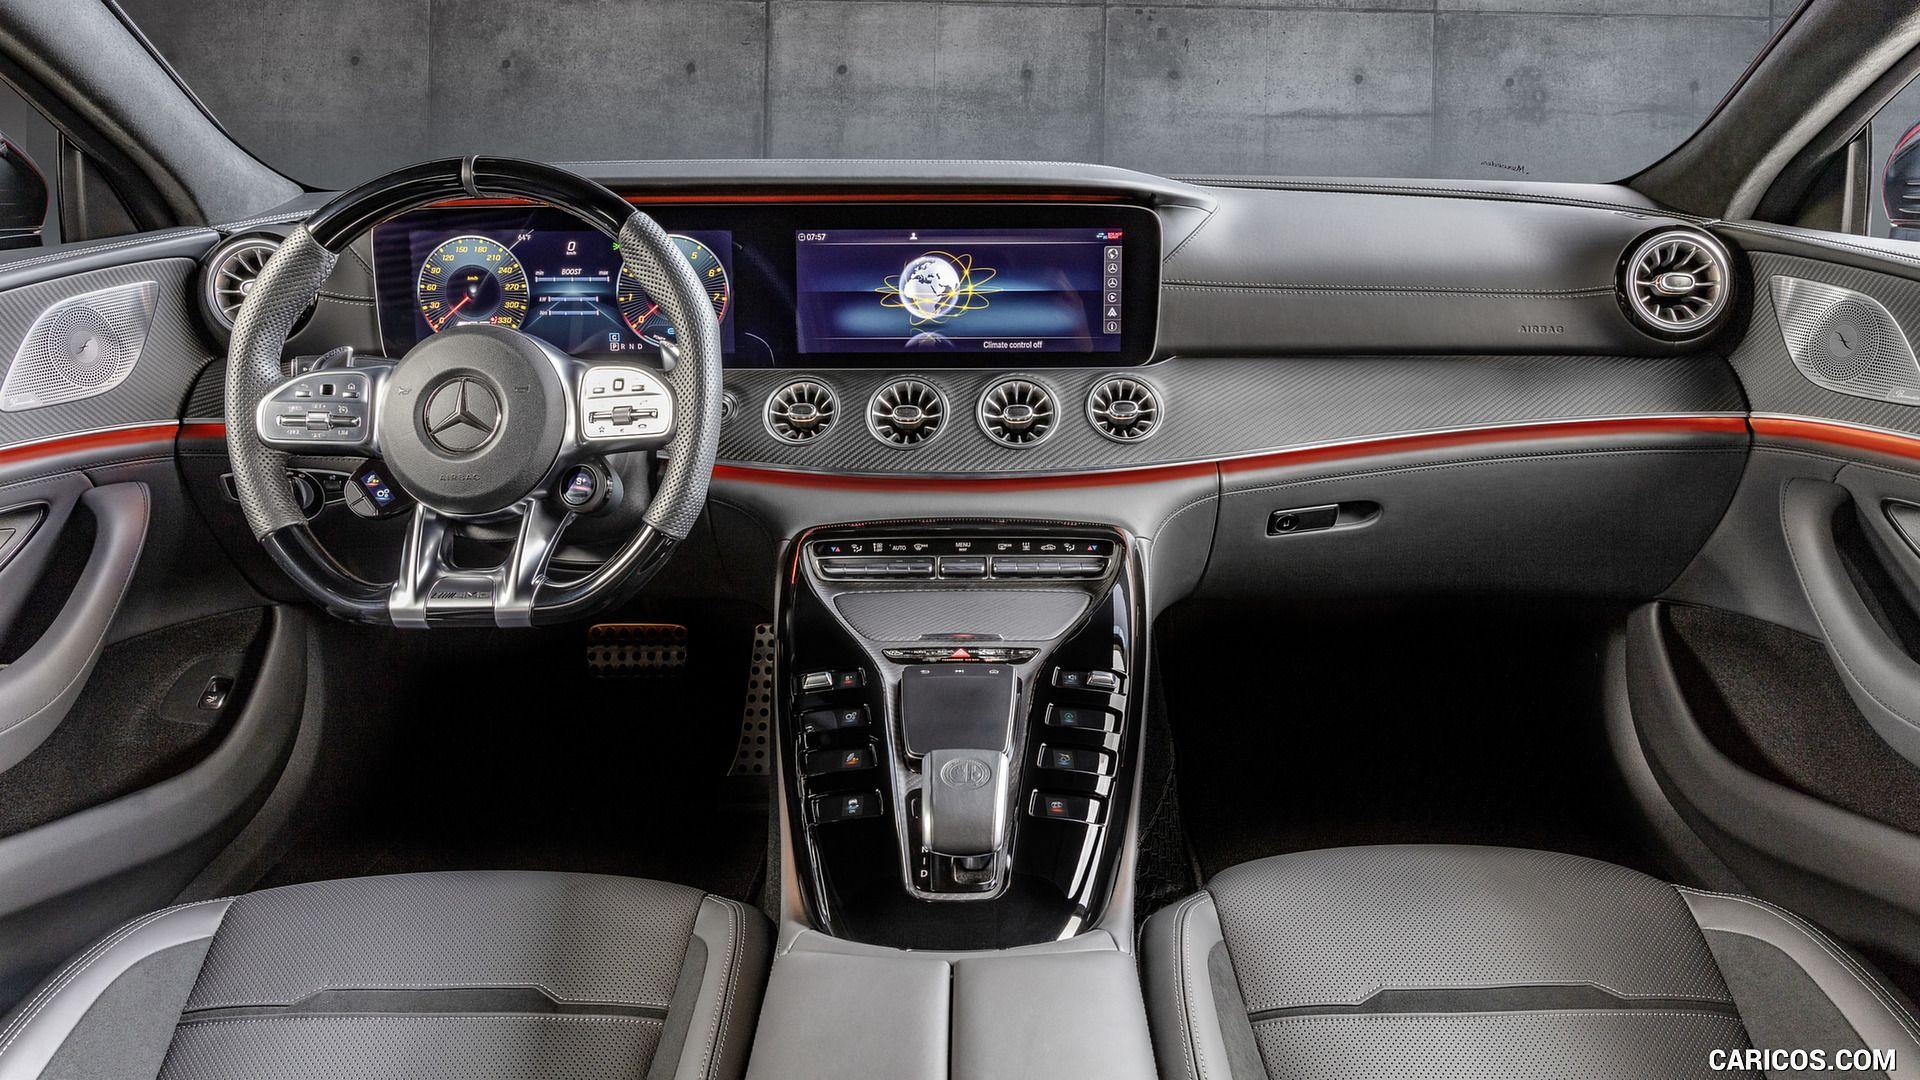 2019 Mercedes Amg Gt 43 4 Door Coupe